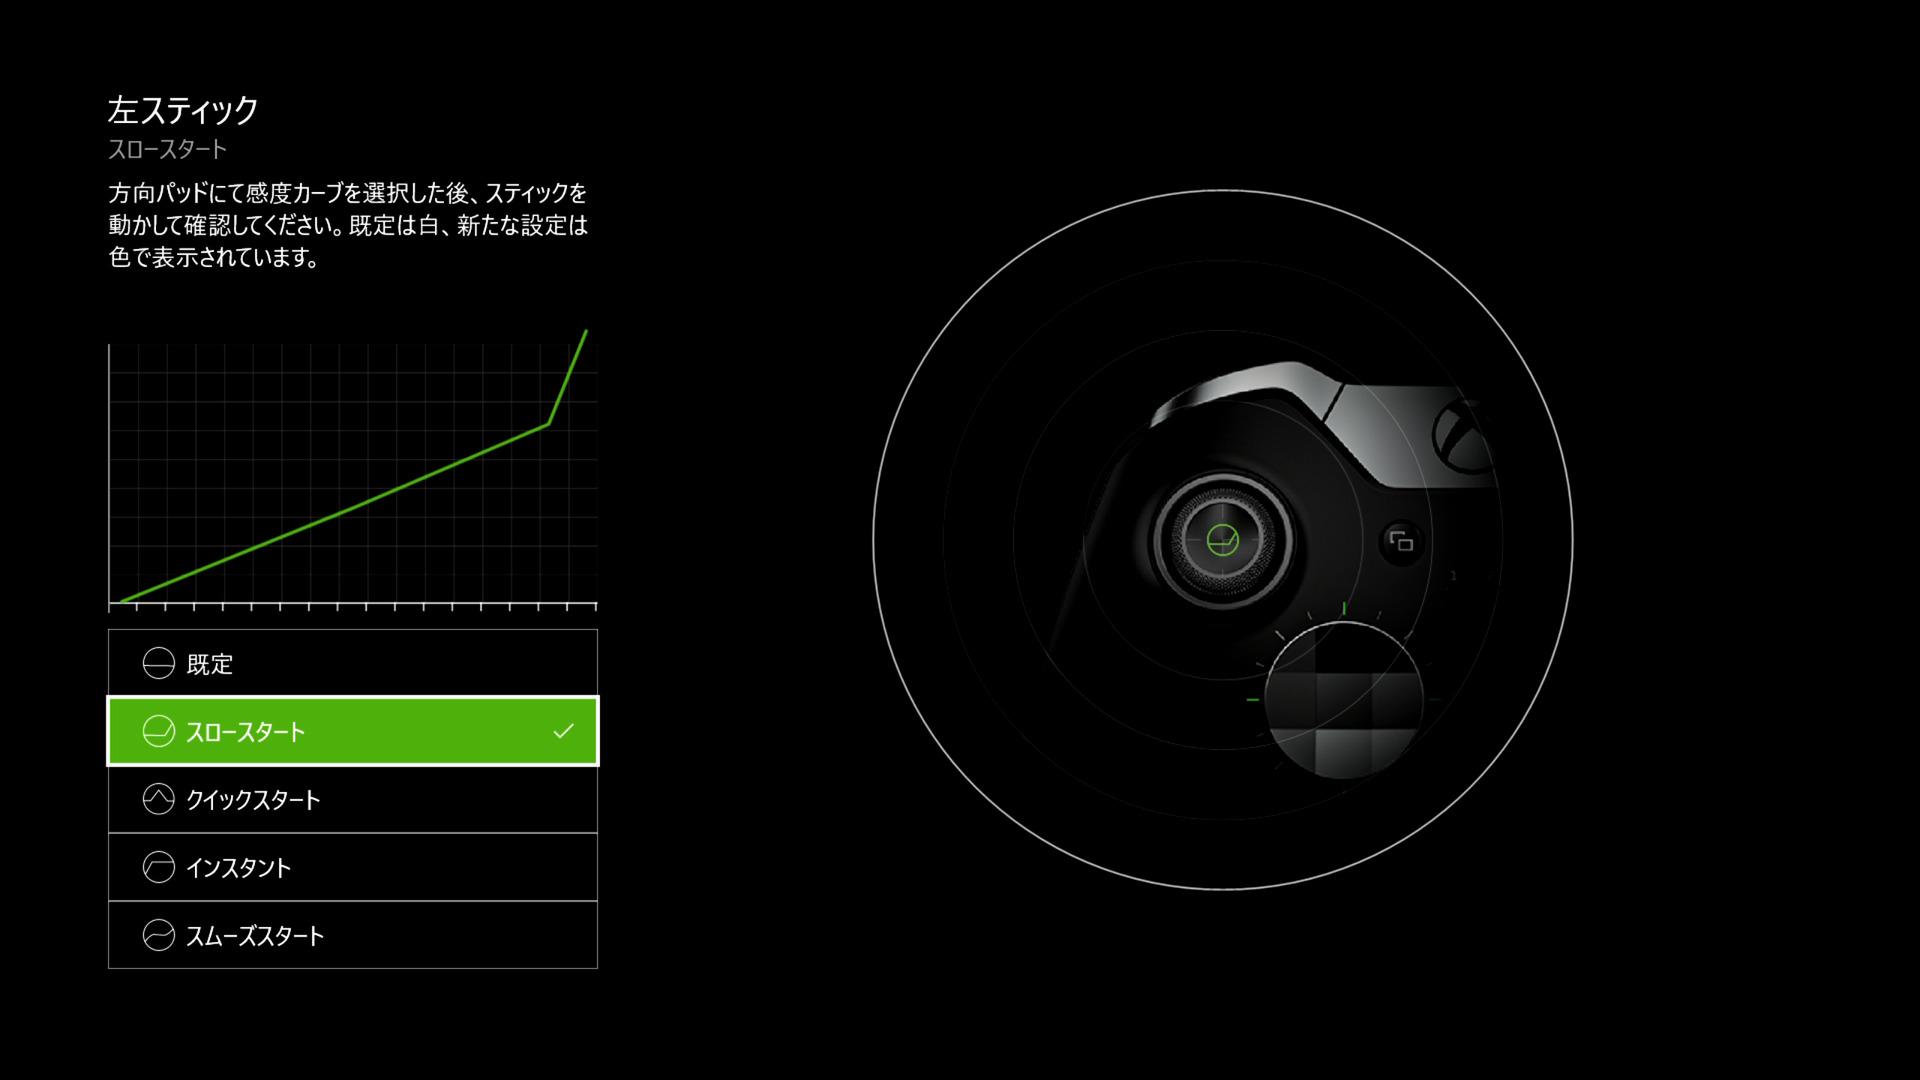 スロースタートはレースゲームや遠距離戦タイプのFPSで精度向上